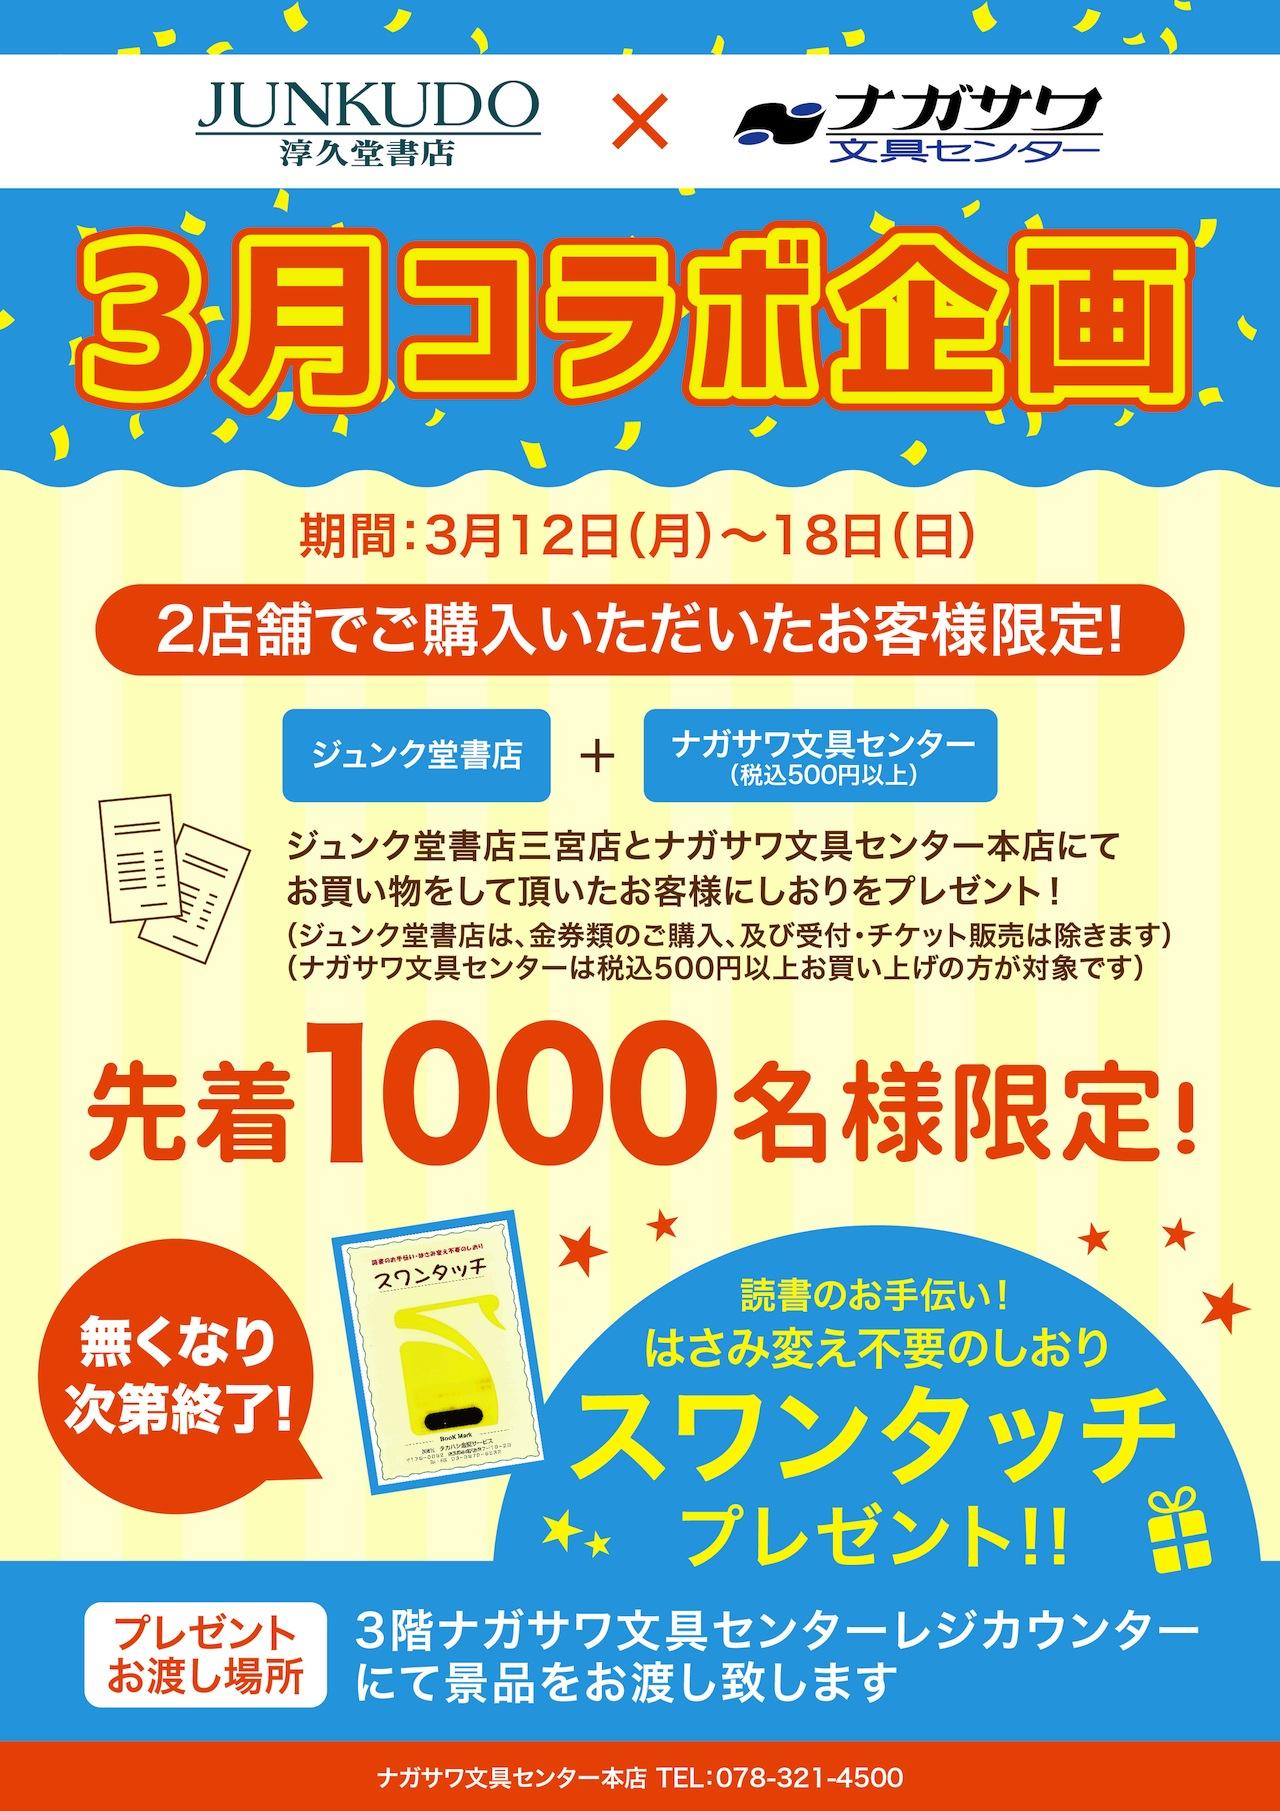 ジュンク堂書店×ナガサワ文具センター本店 コラボ企画!